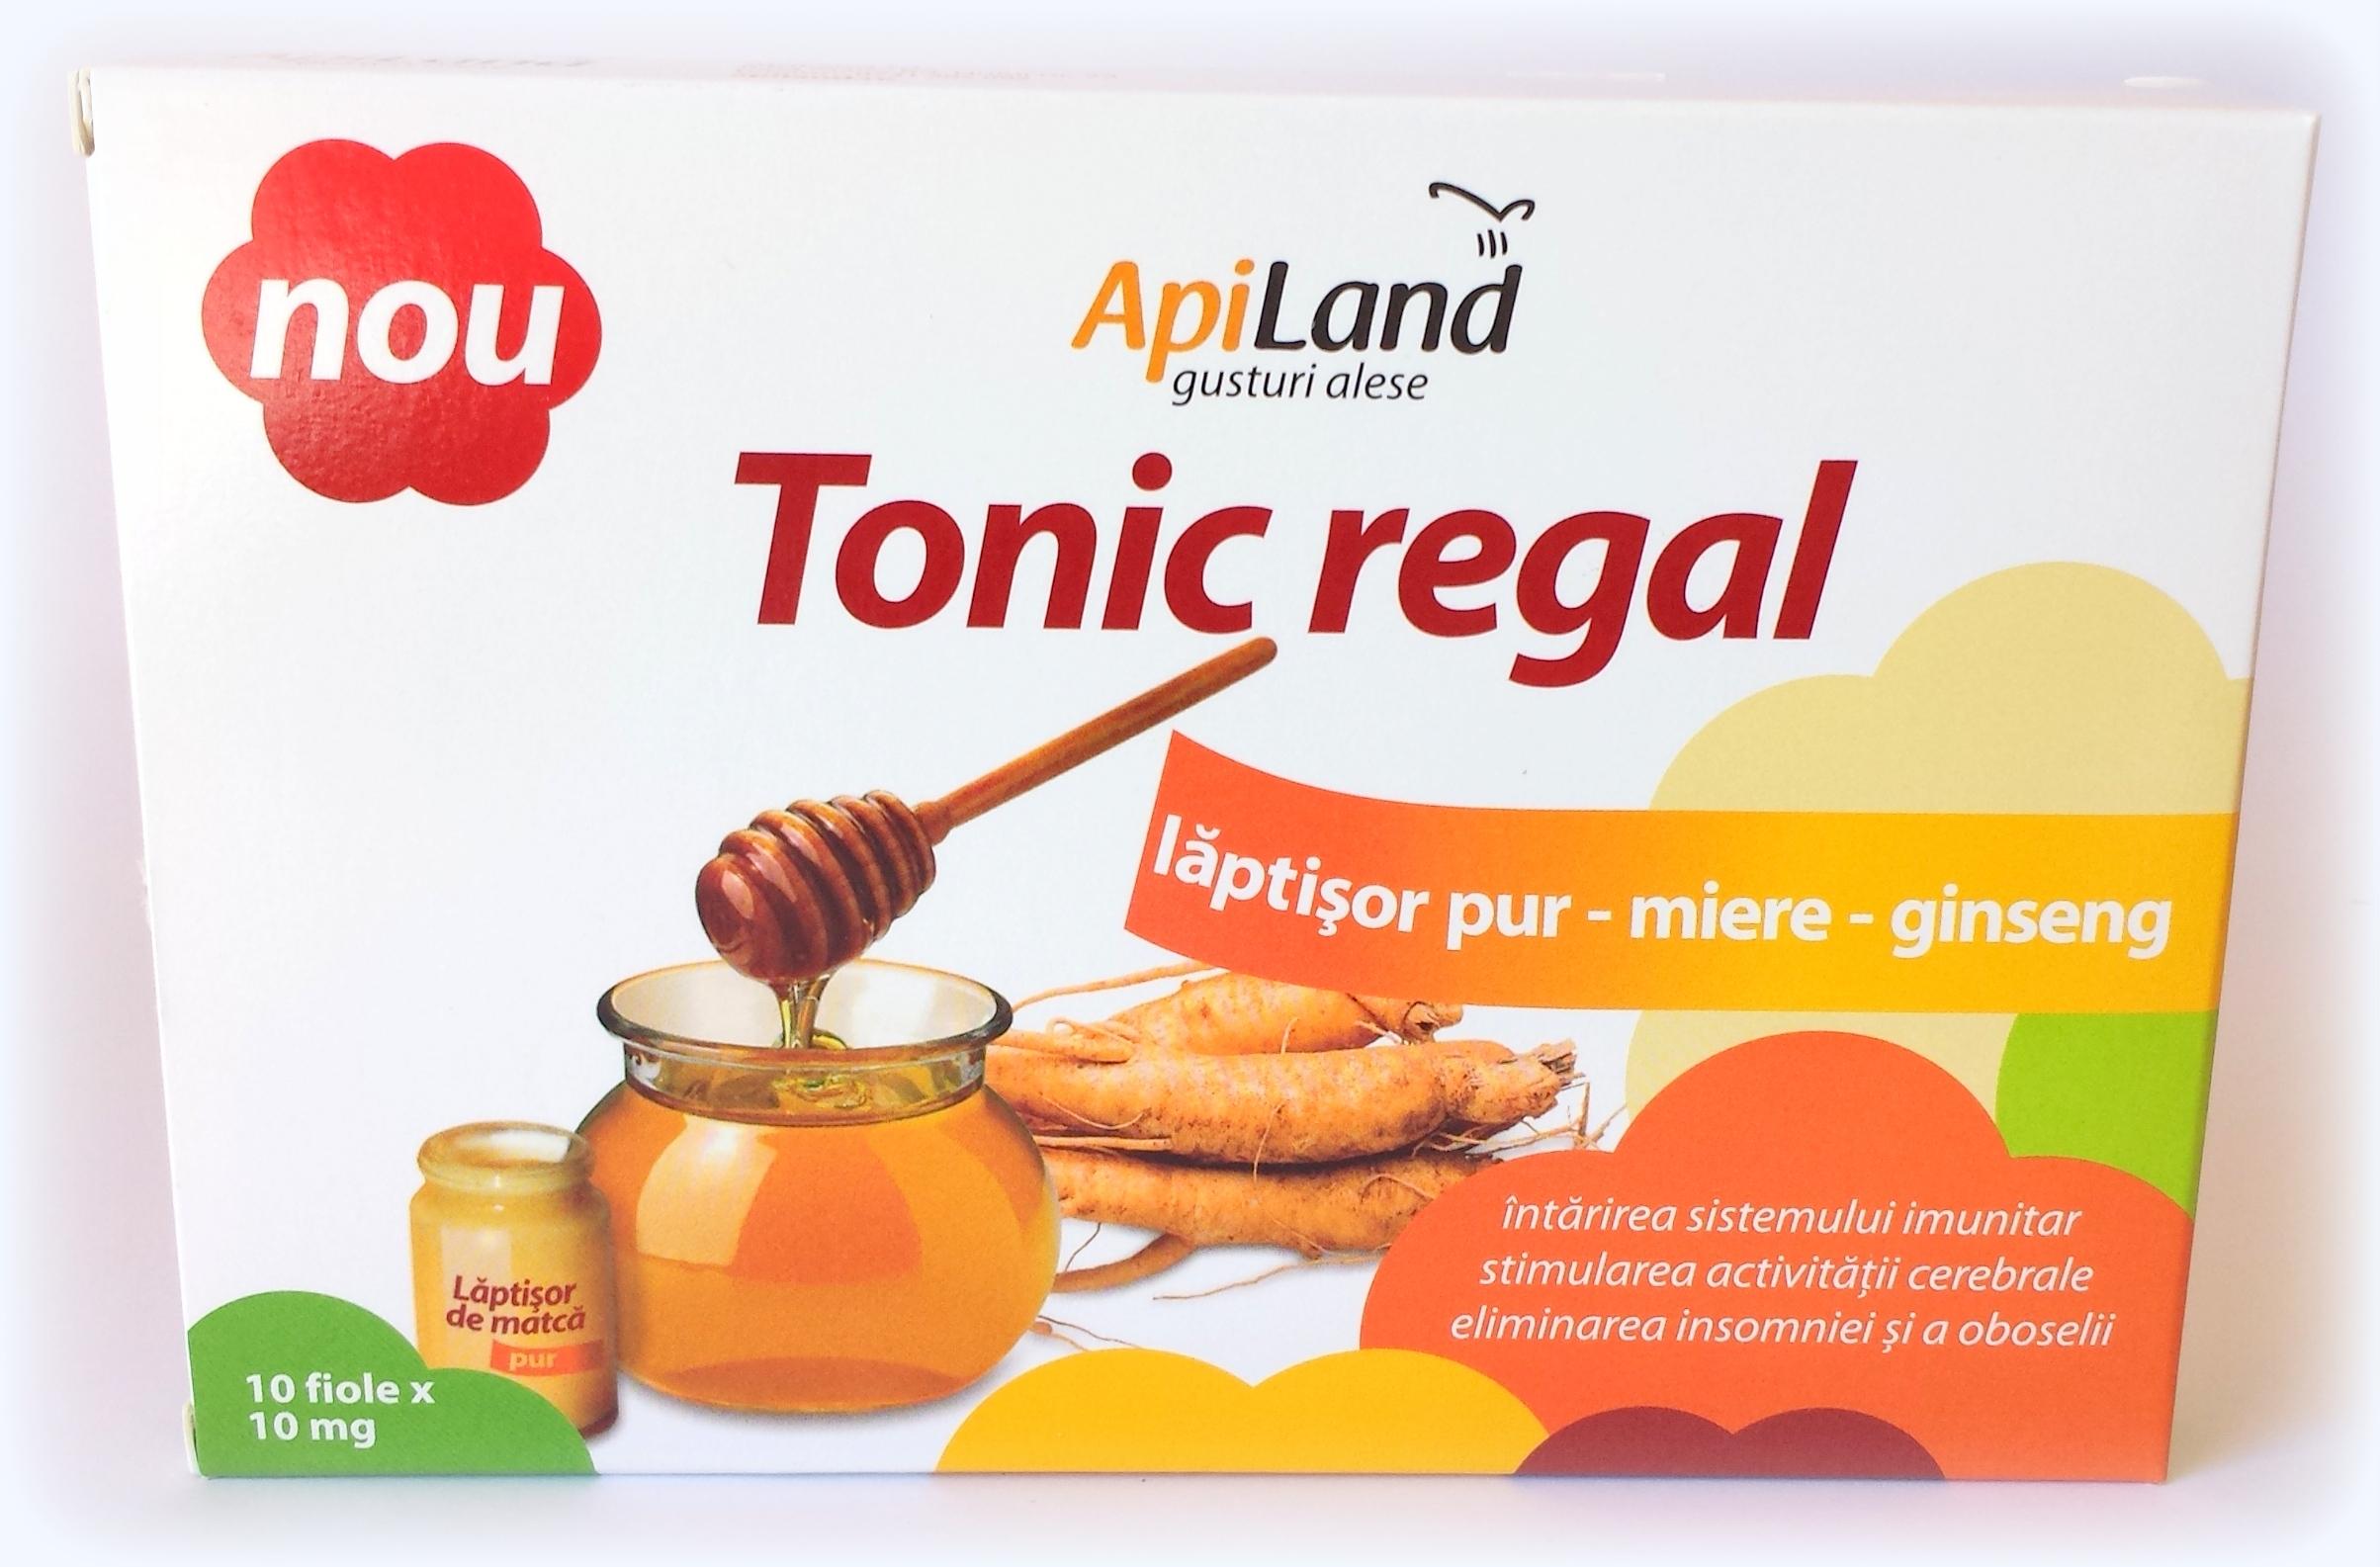 Apiland lanseaza 2 tonice apicole: Tonicul regal si Tonicul apicultorului